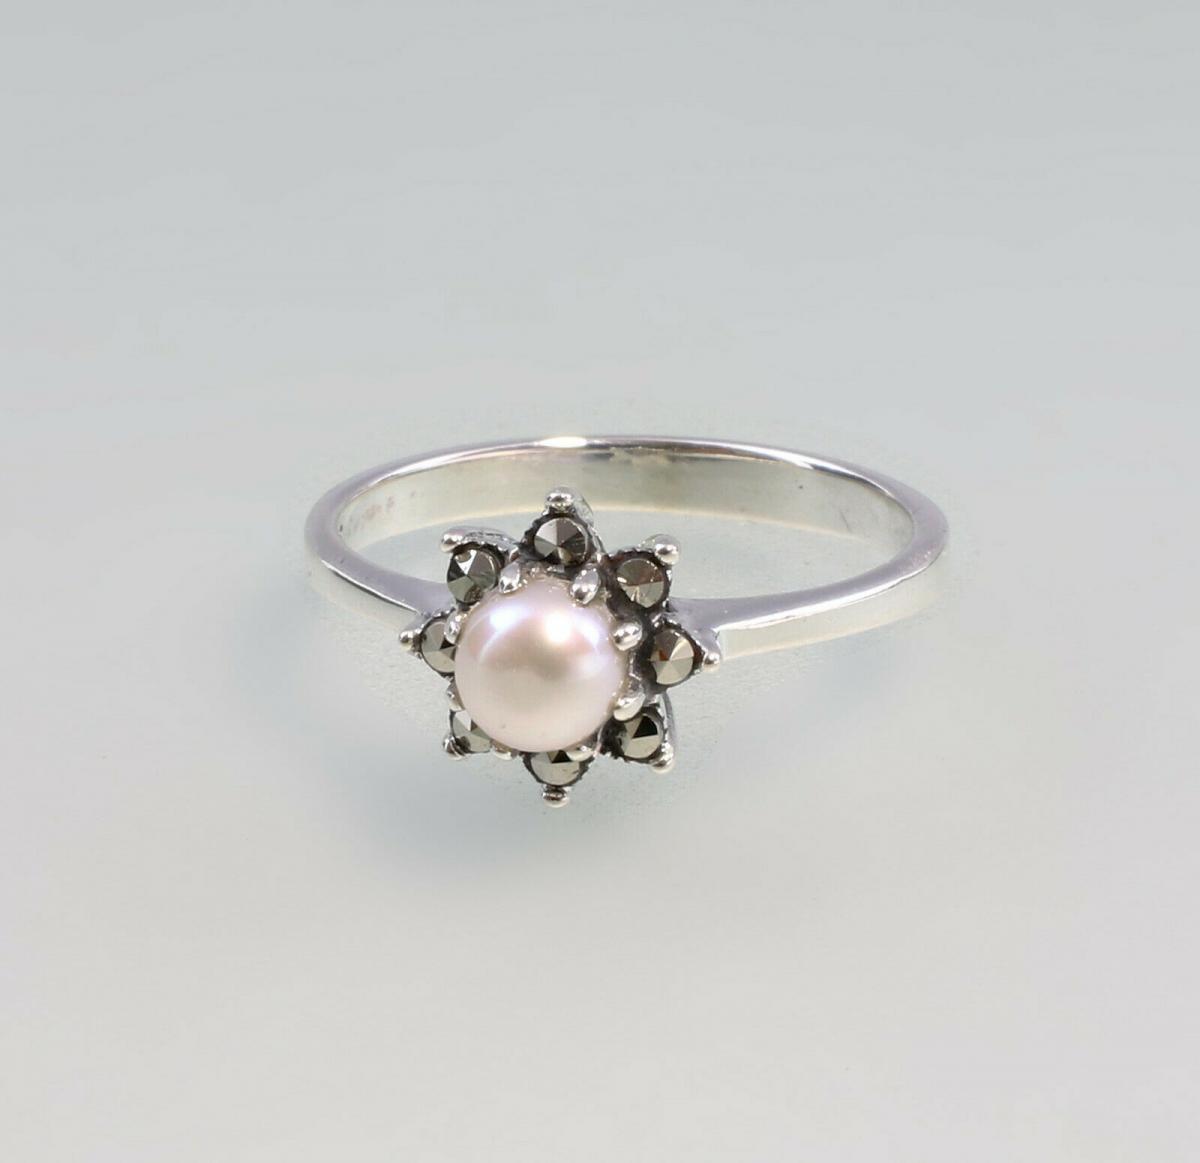 9927123 925er Silber Perlen-Markasit-Ring Gr.53